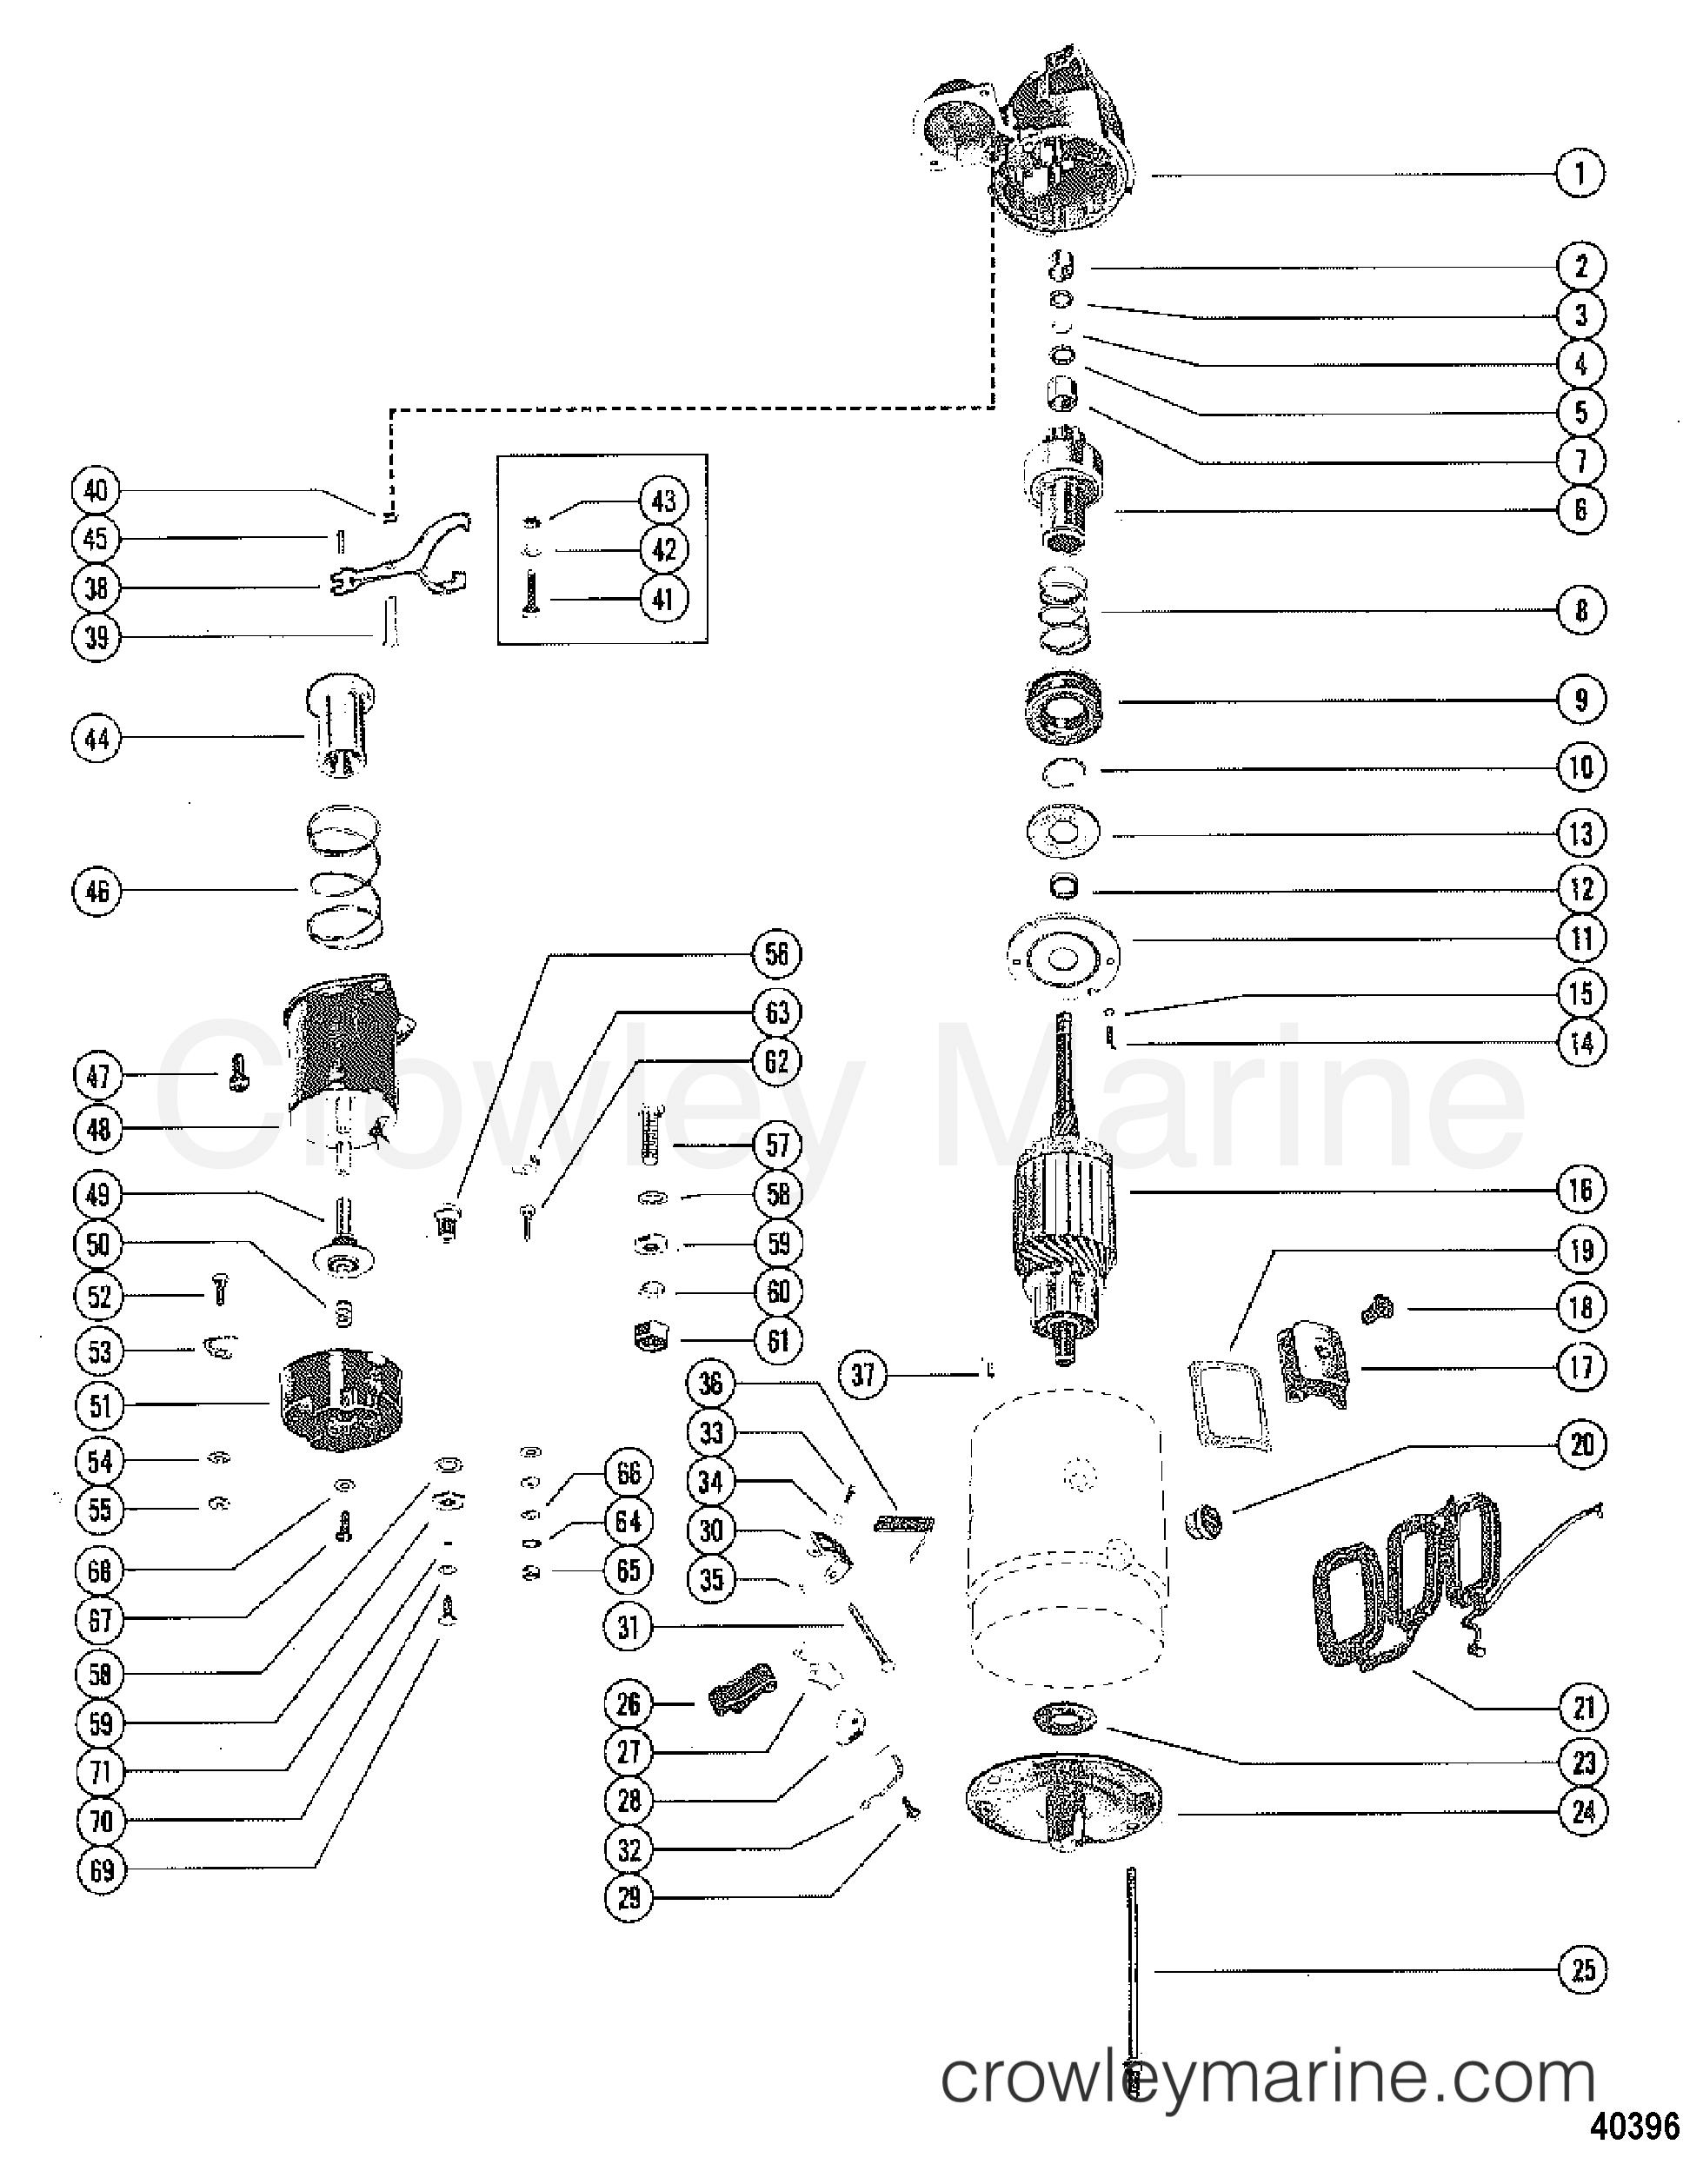 Starter Motor Assemblydelco Remy 1109484 85 88 90 1982 120 Mercruiser Engine Wiring Diagram 01206002